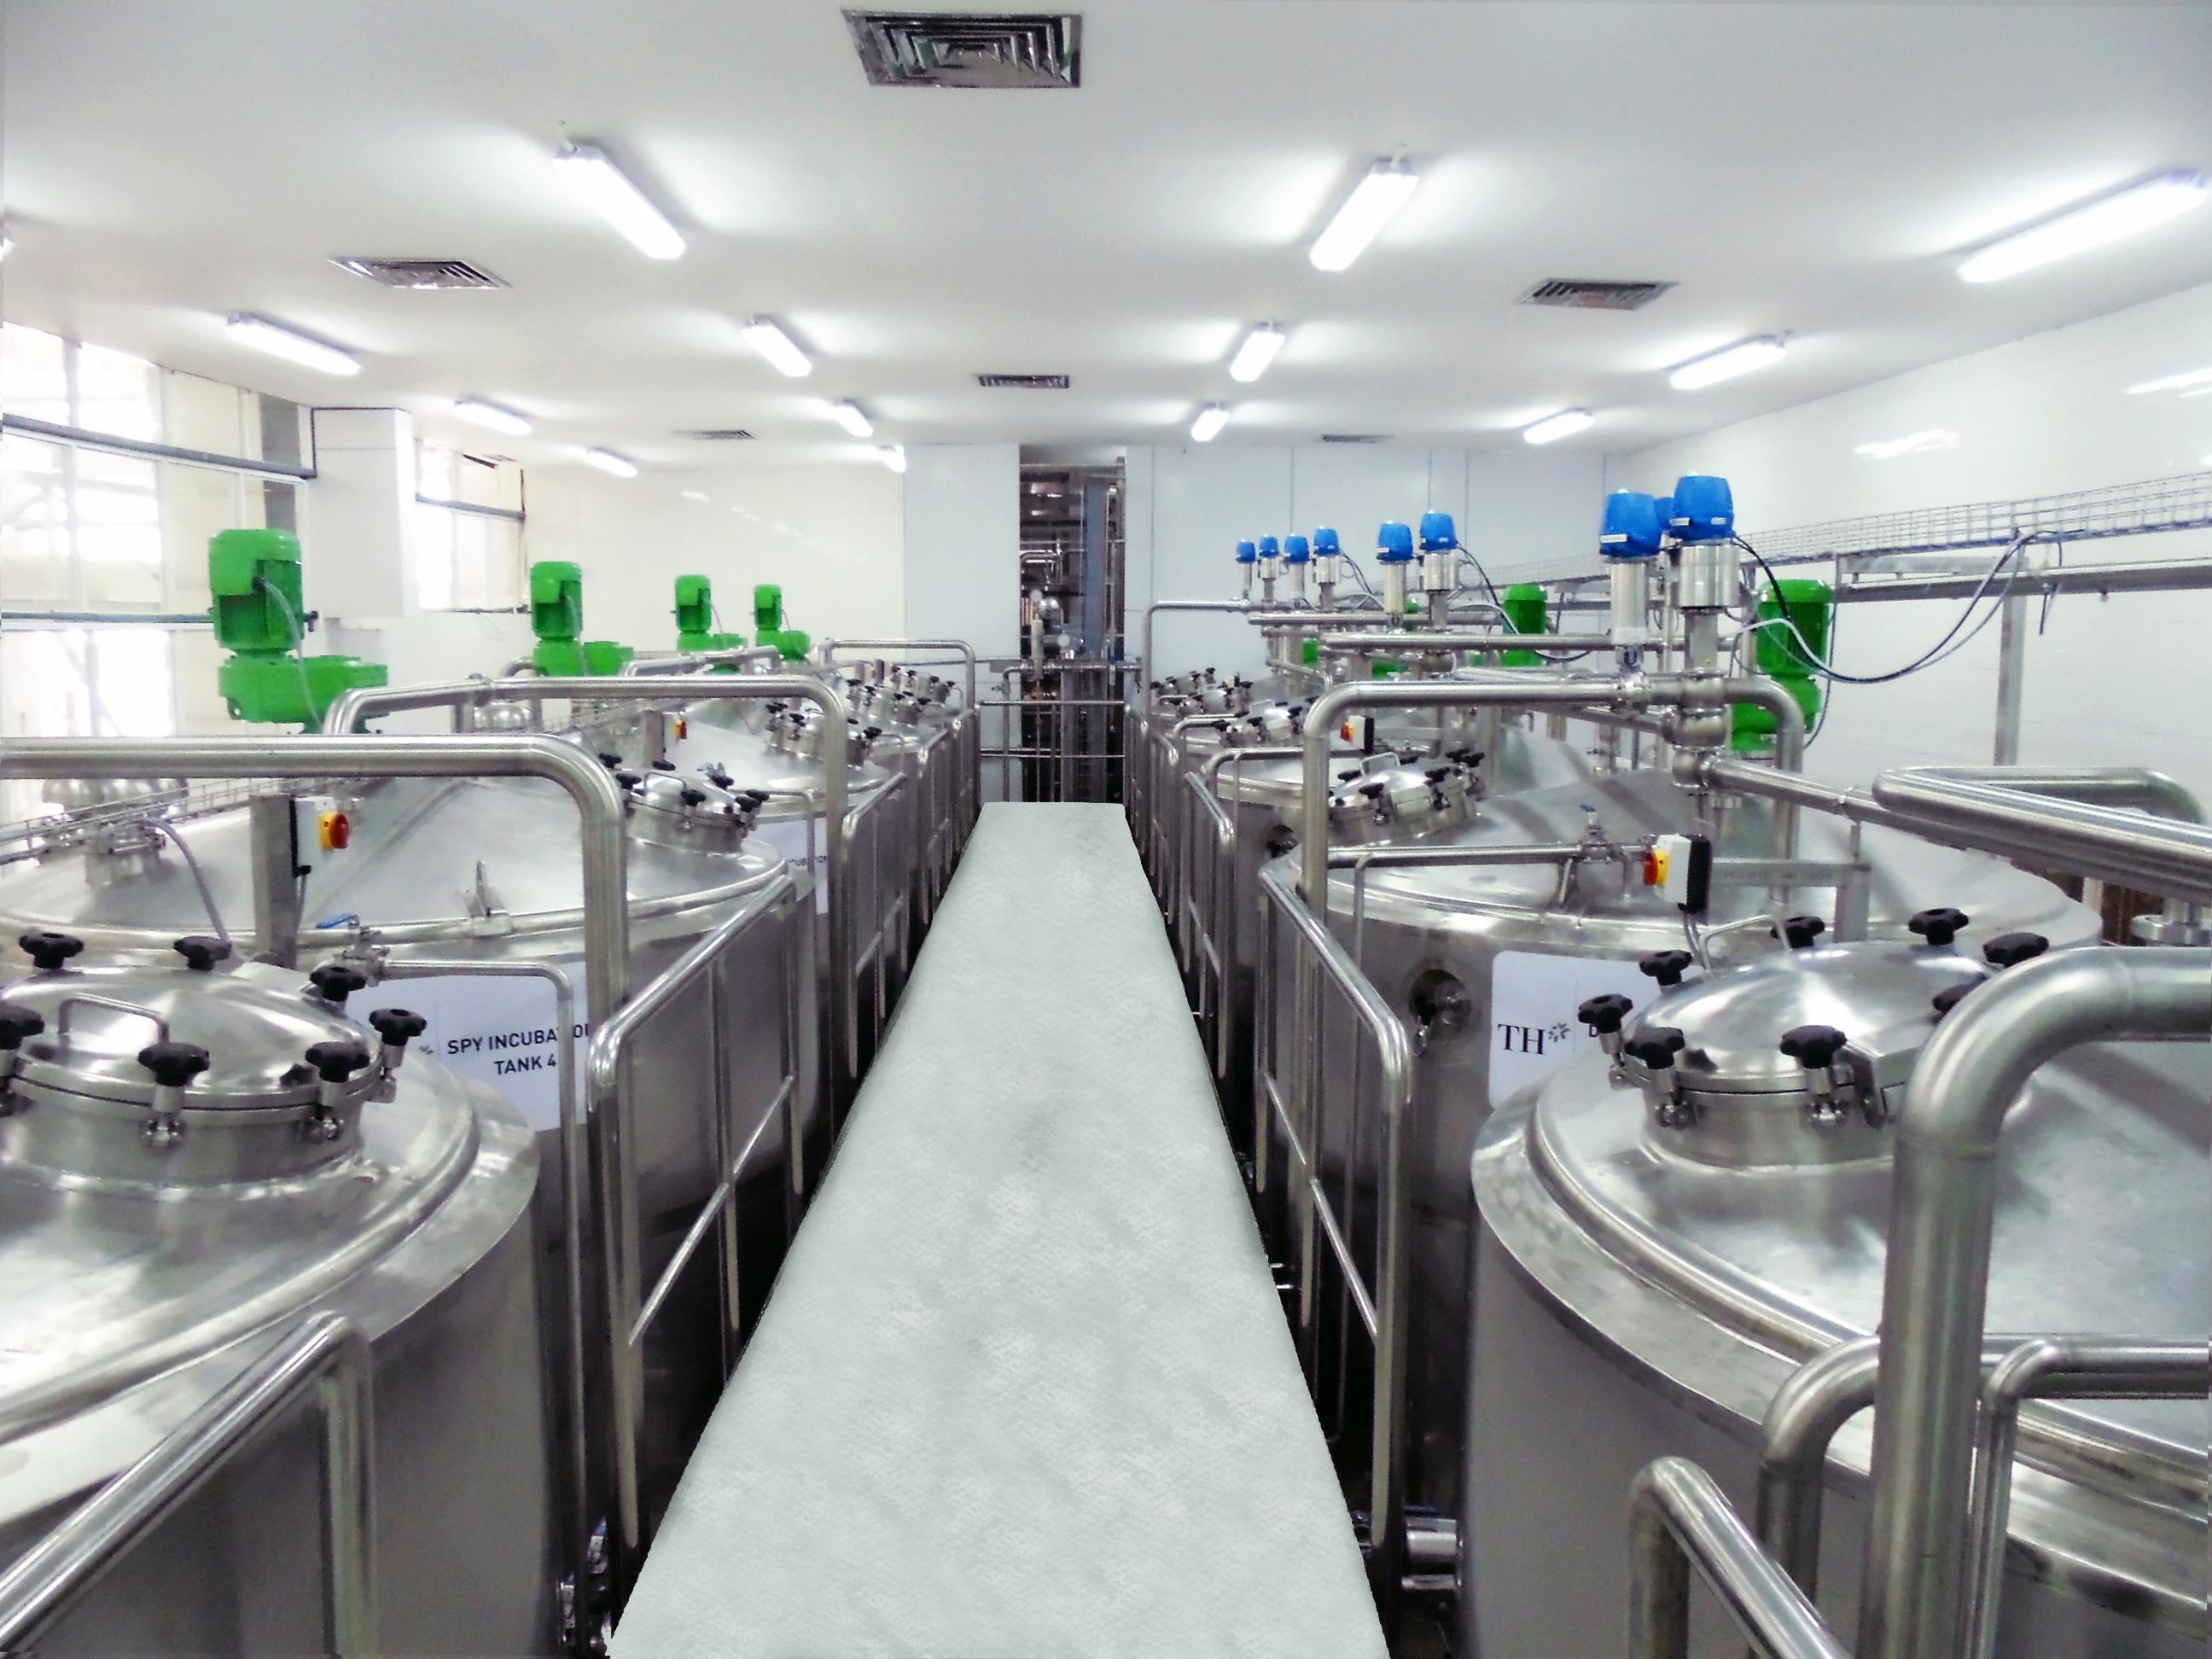 Thiết bị phục vụ sản xuất chế biến sữa